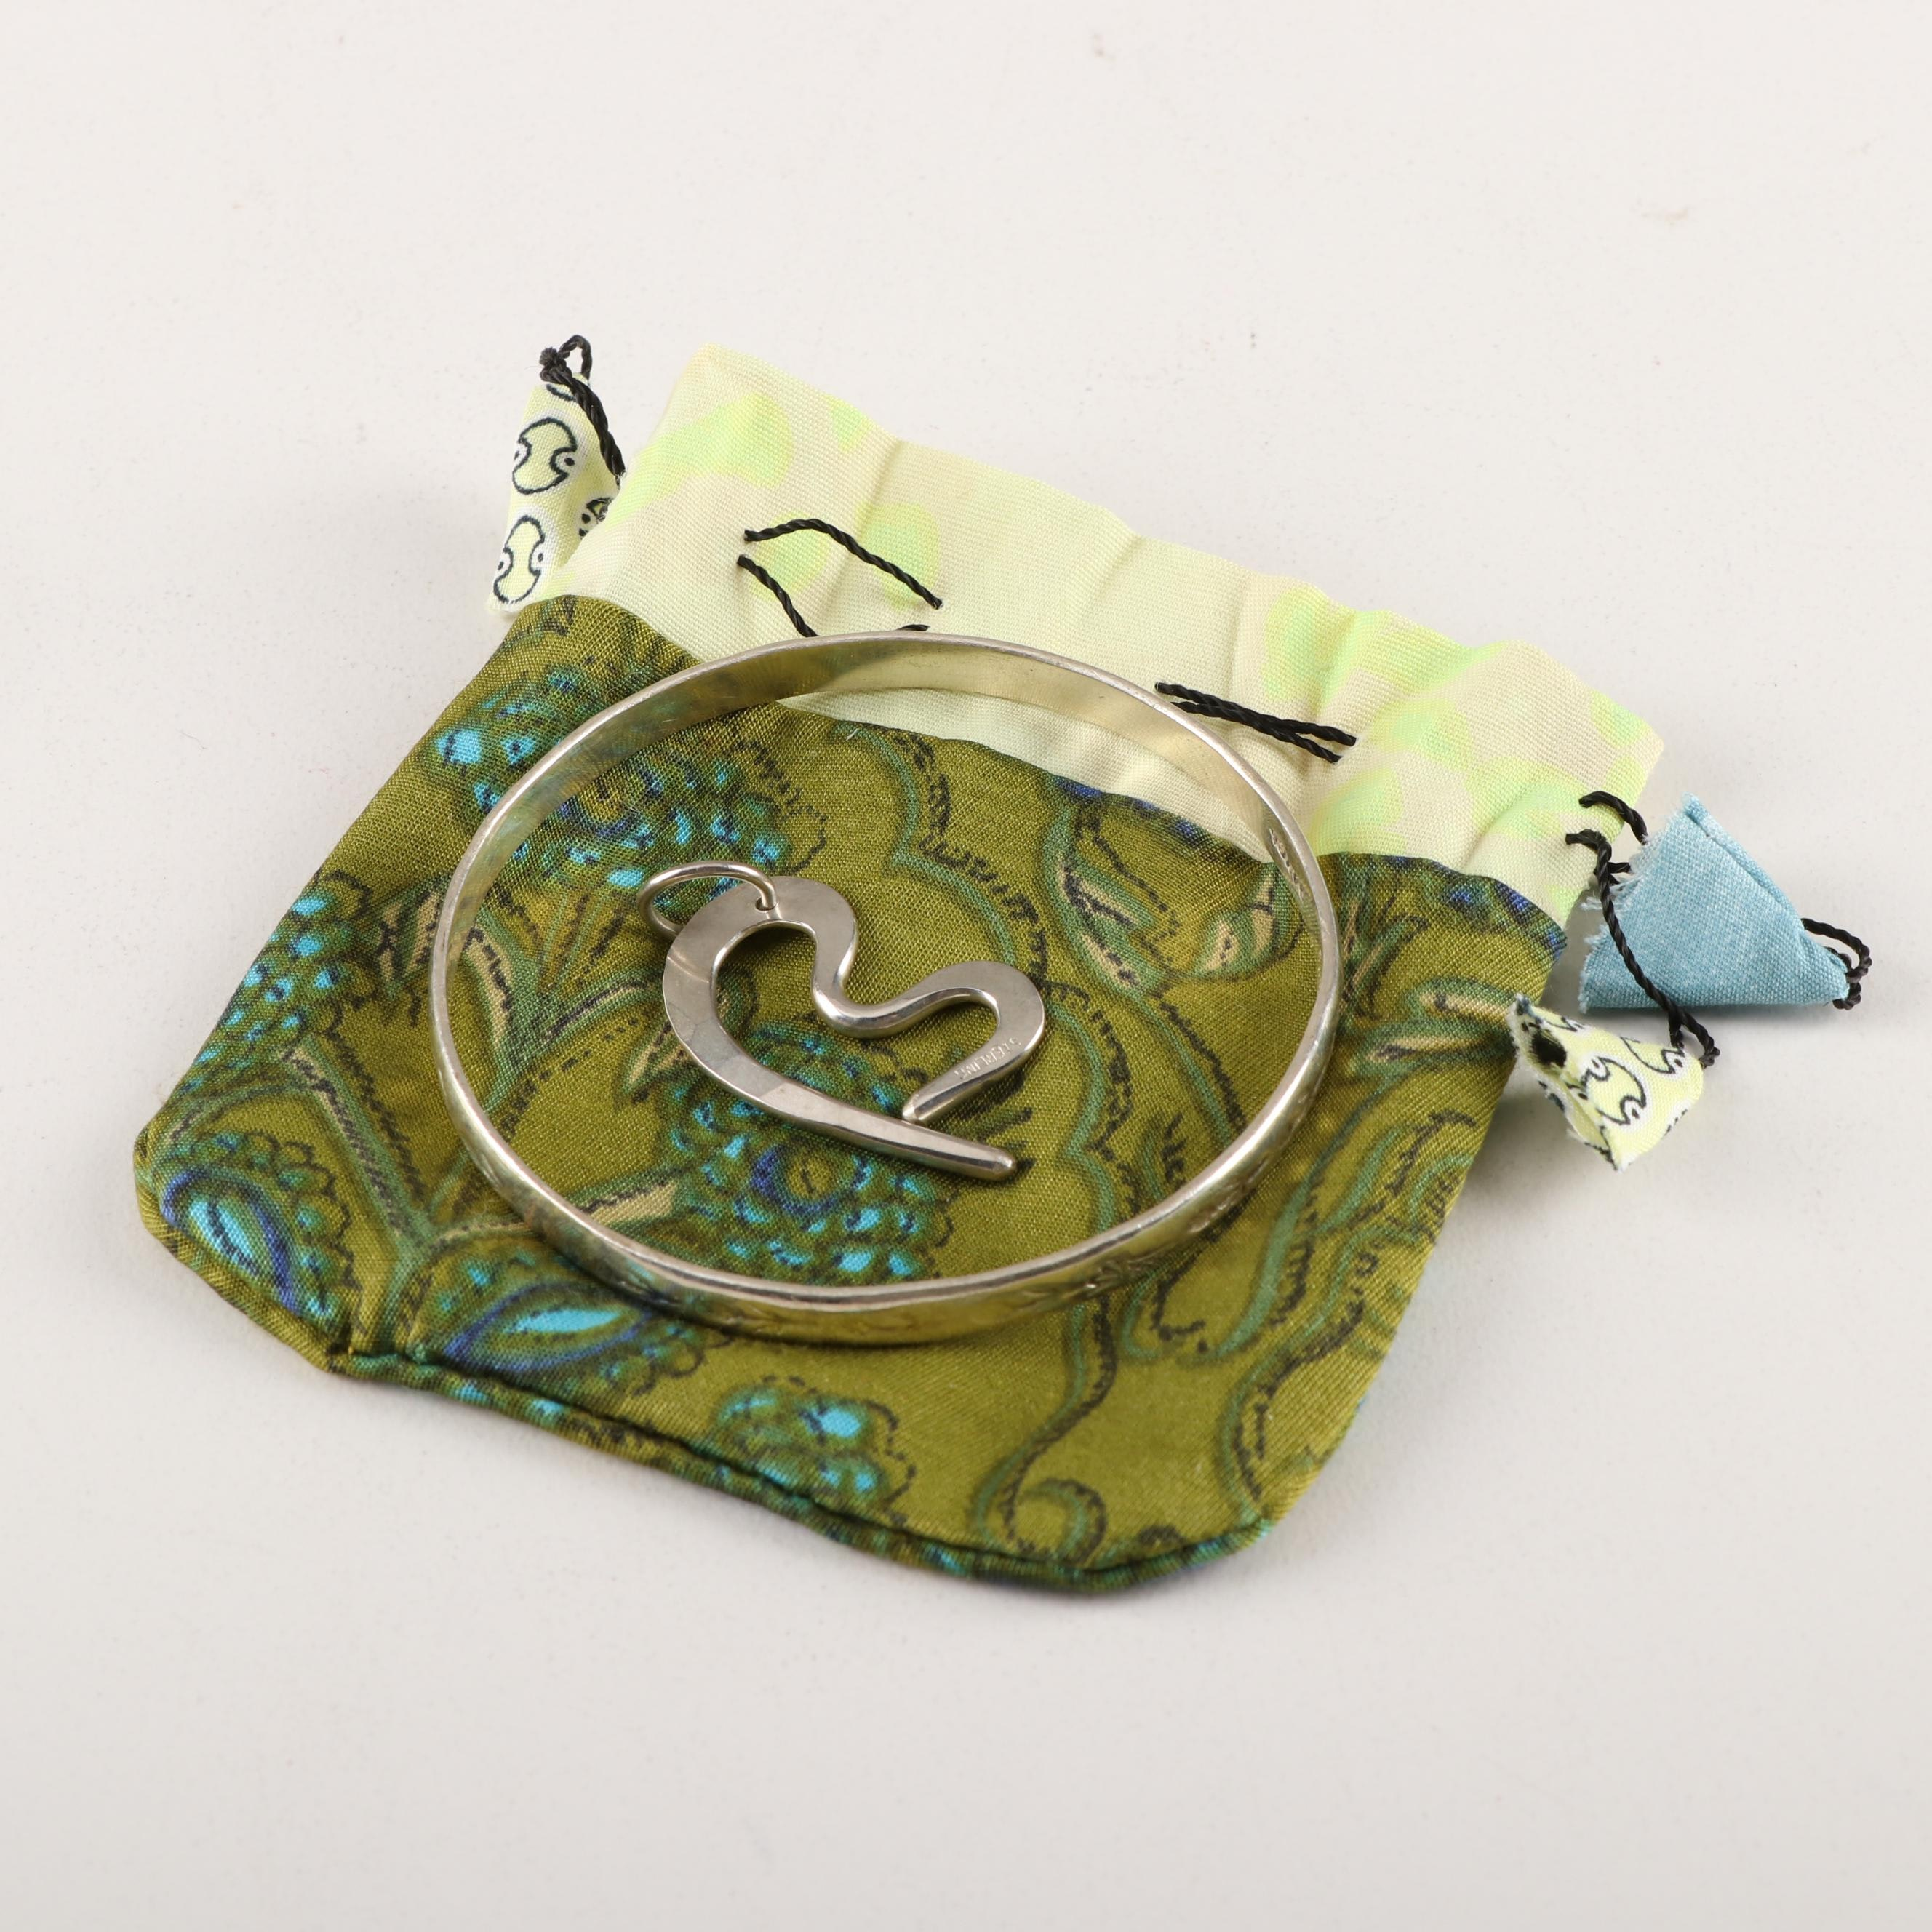 Sterling Silver Bangle Bracelet and Freeform Pendant